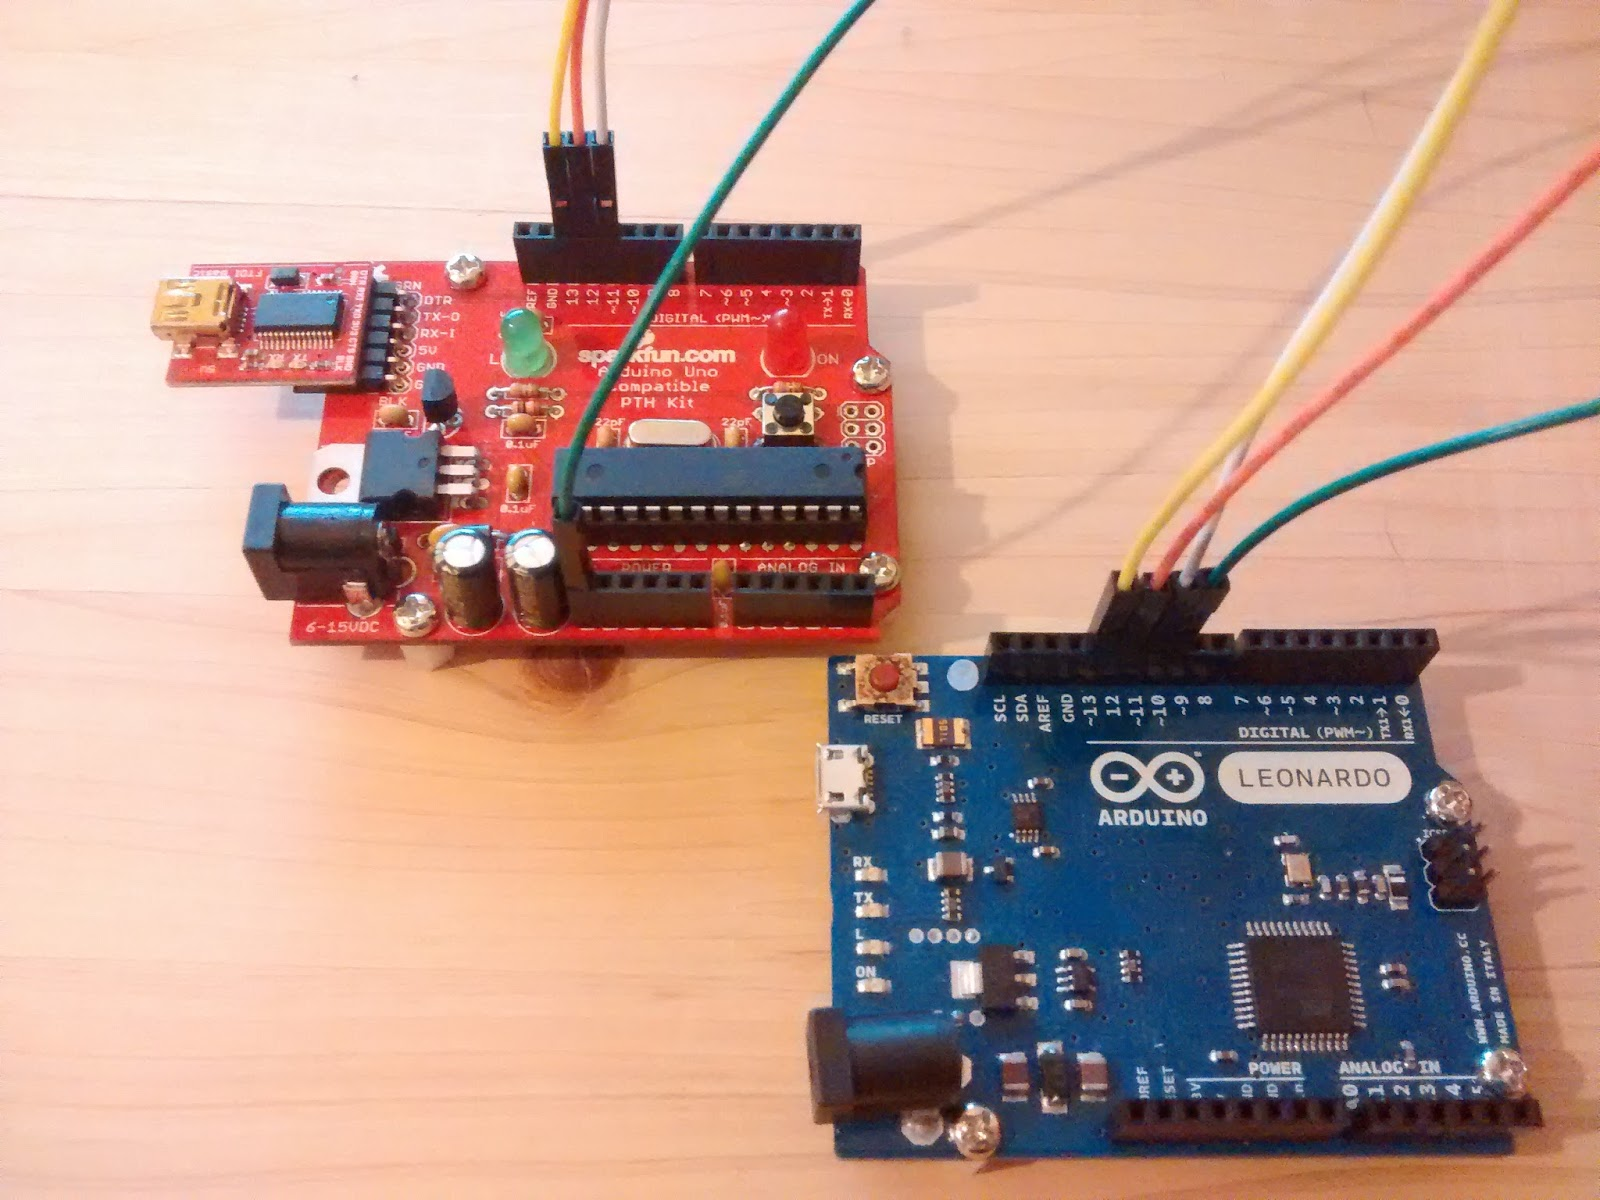 あとで考える arduino burning the bootloader